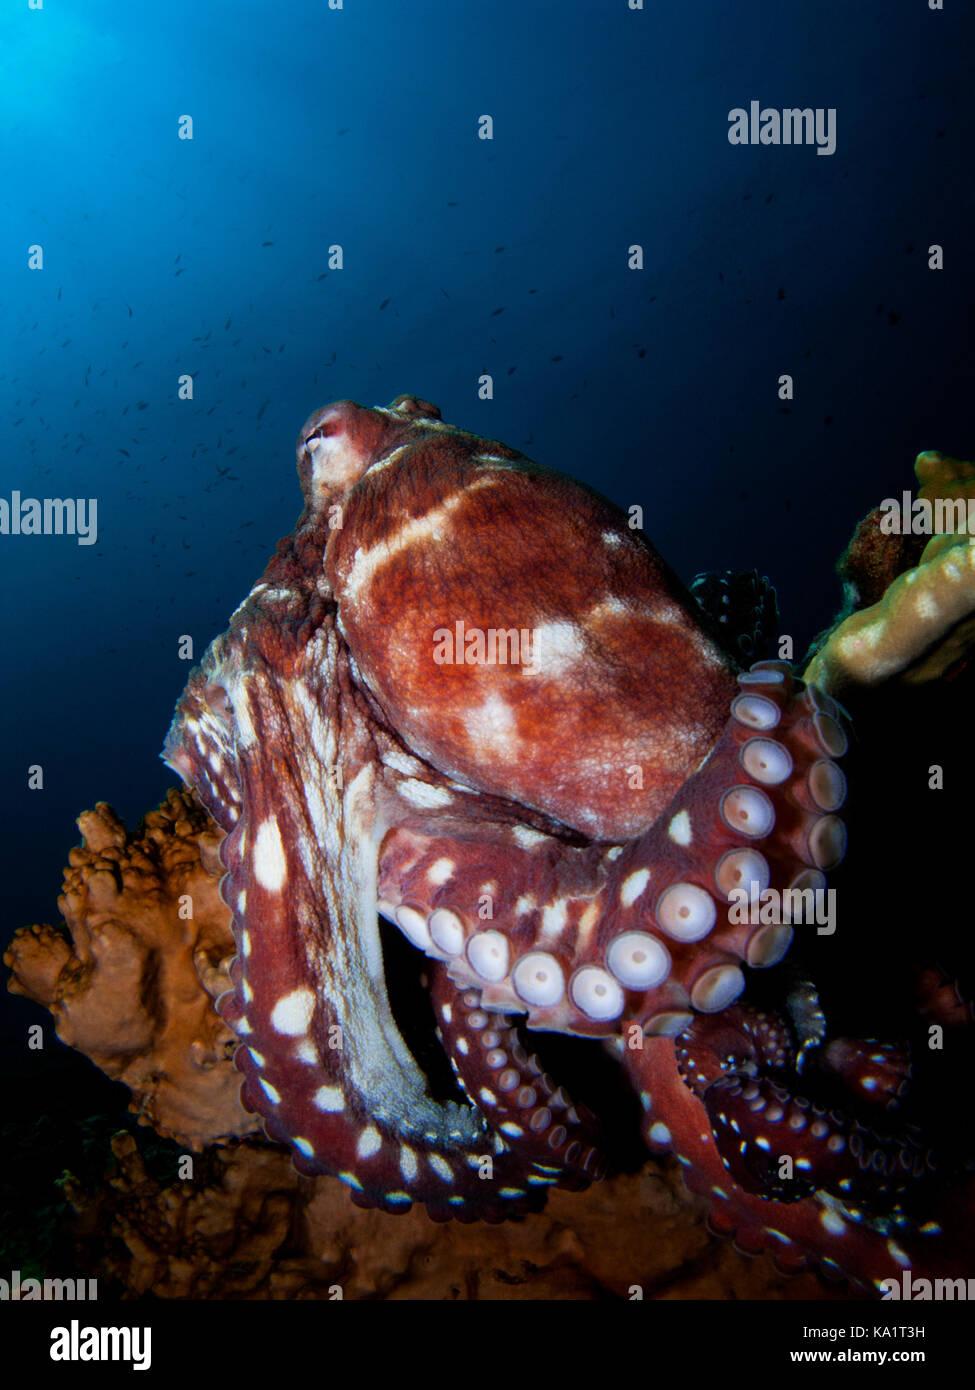 Red Octopus auf blauem Hintergrund auf Riff mit Beinen Curling runde Coral Stockbild